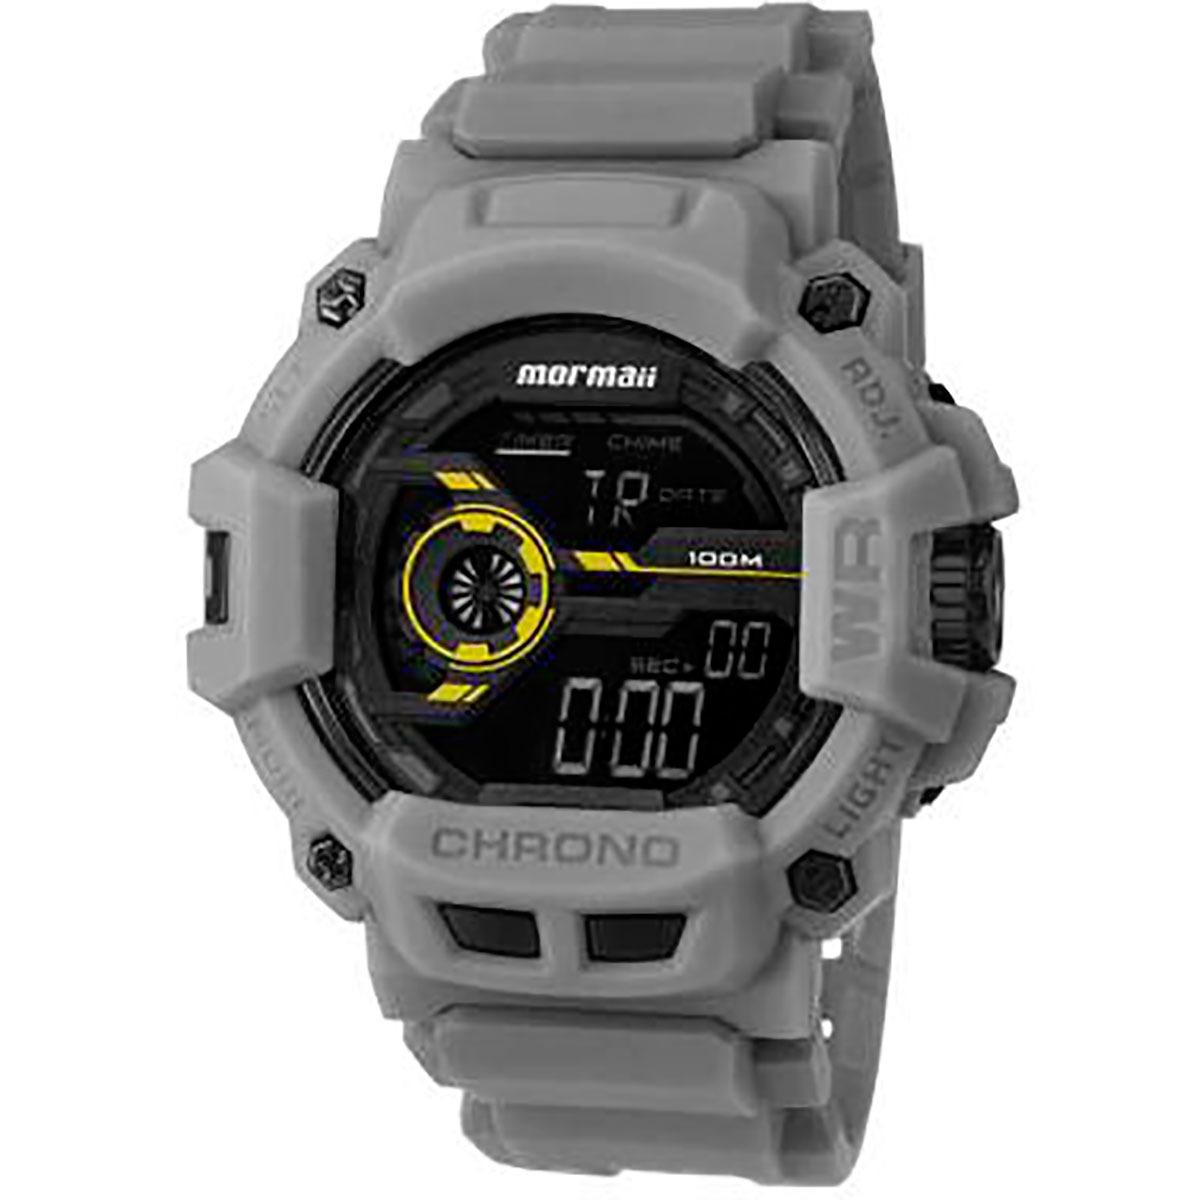 0bba694f7fa41 Relógio Mormaii Acqua Pro Adventure Masculino Mo1105ab 8y. - R  199 ...